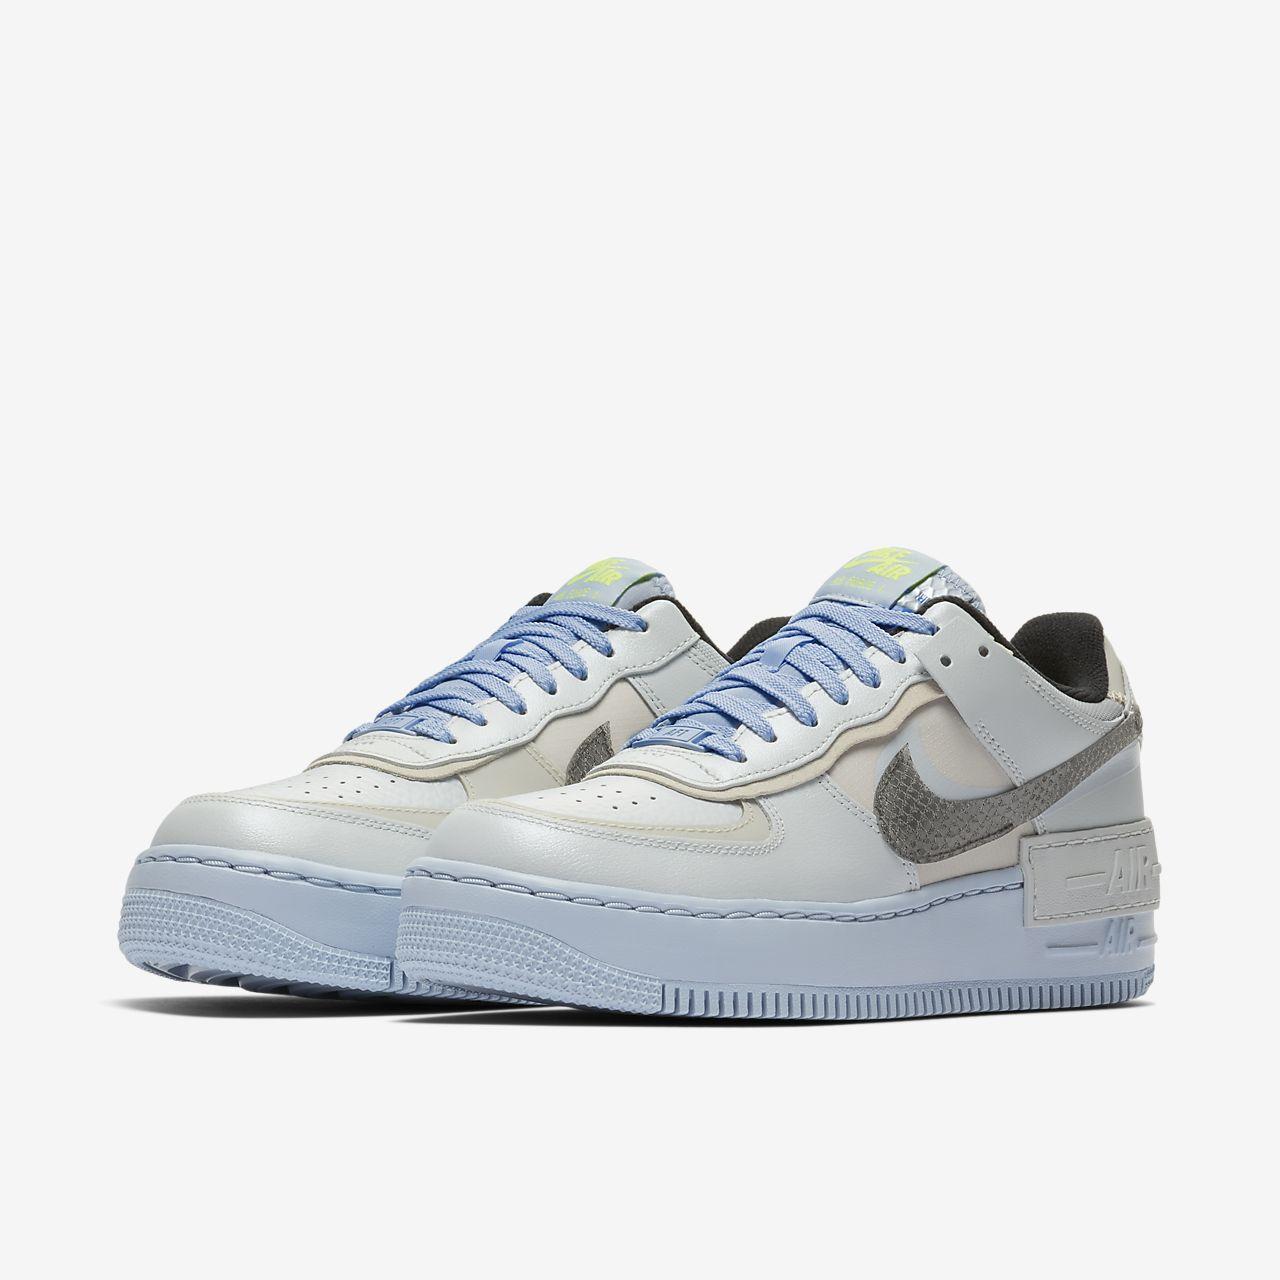 Otroligt bra, otroligt enkelt. Nike Air Force 1 LV8 är en